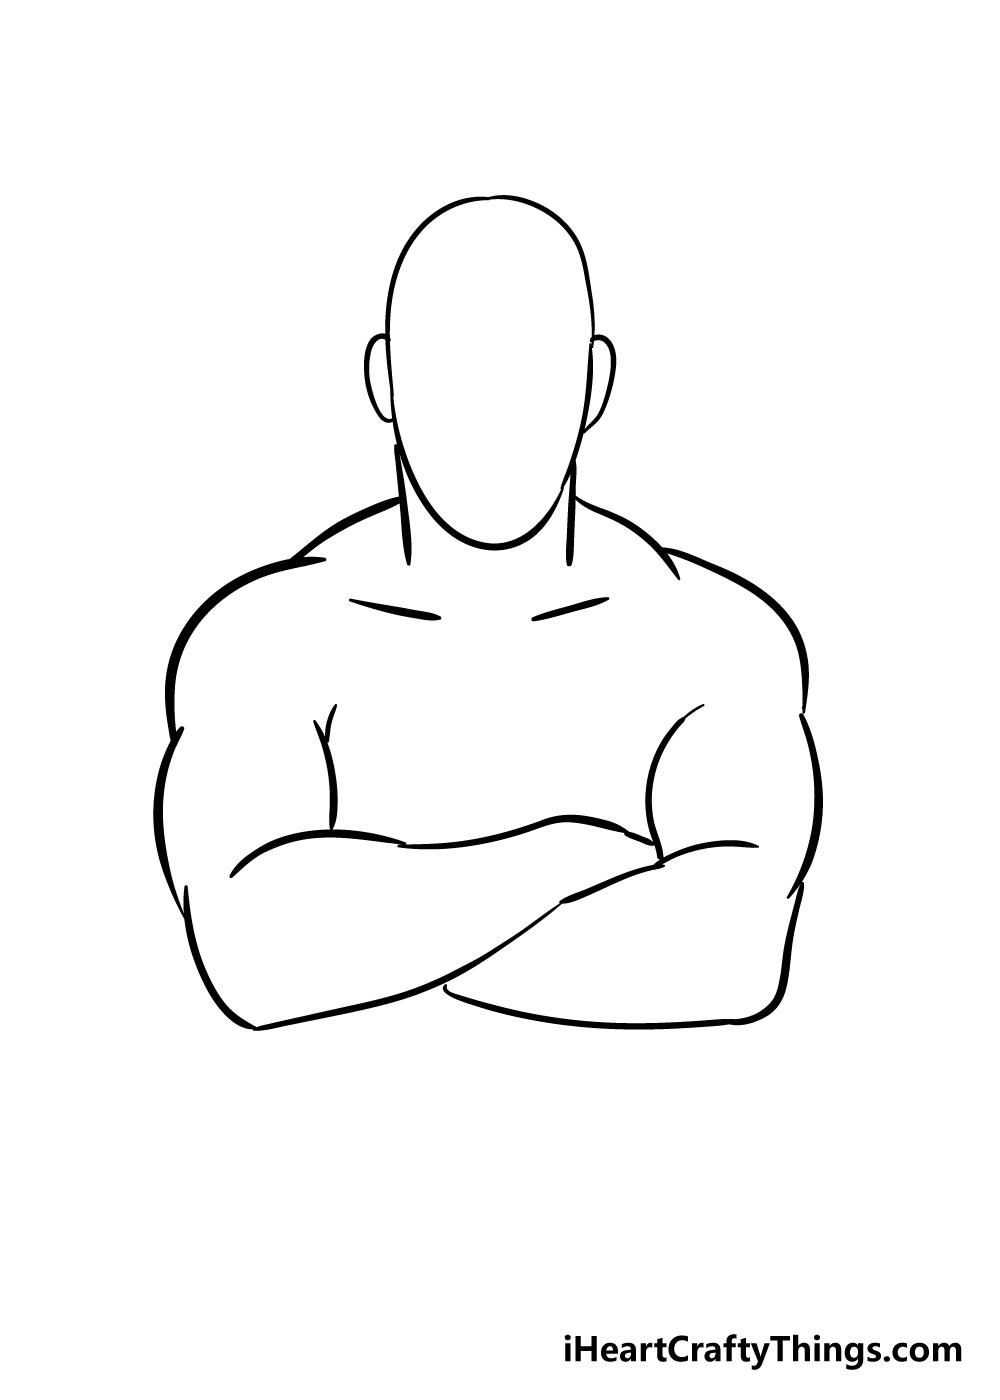 crossed arms drawing step 4